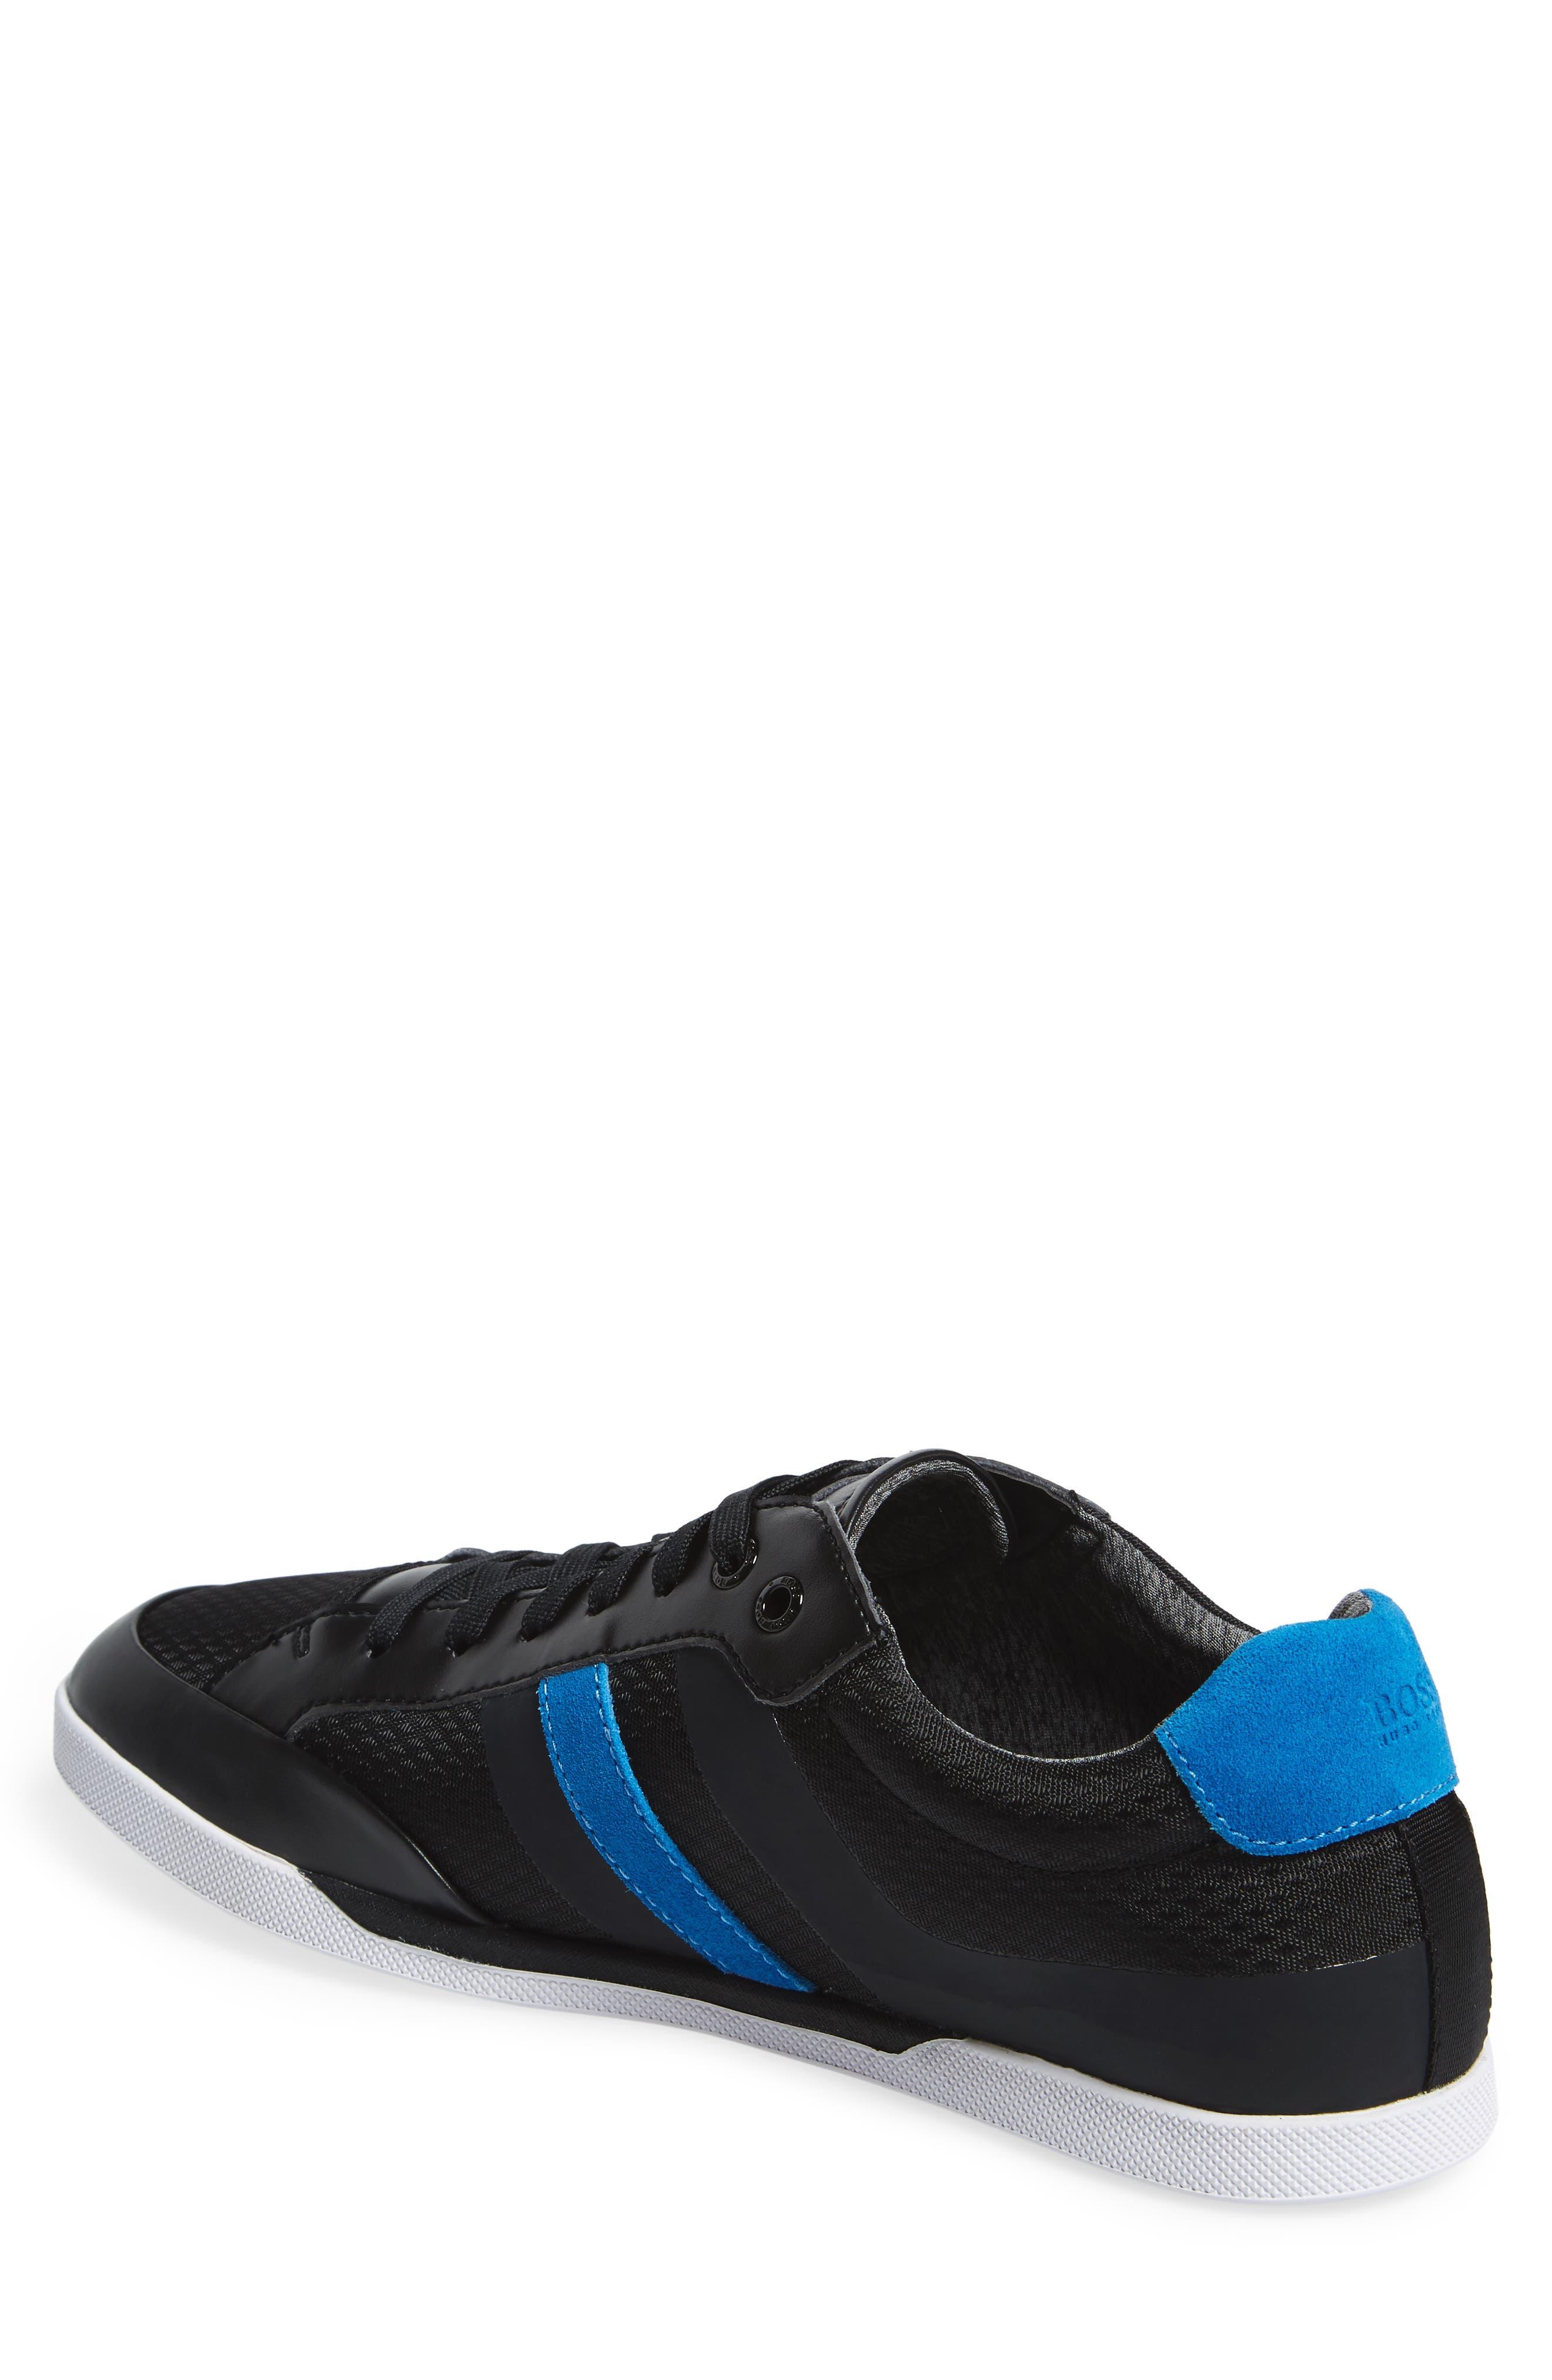 Shuttle Sneaker,                             Alternate thumbnail 2, color,                             BLACK